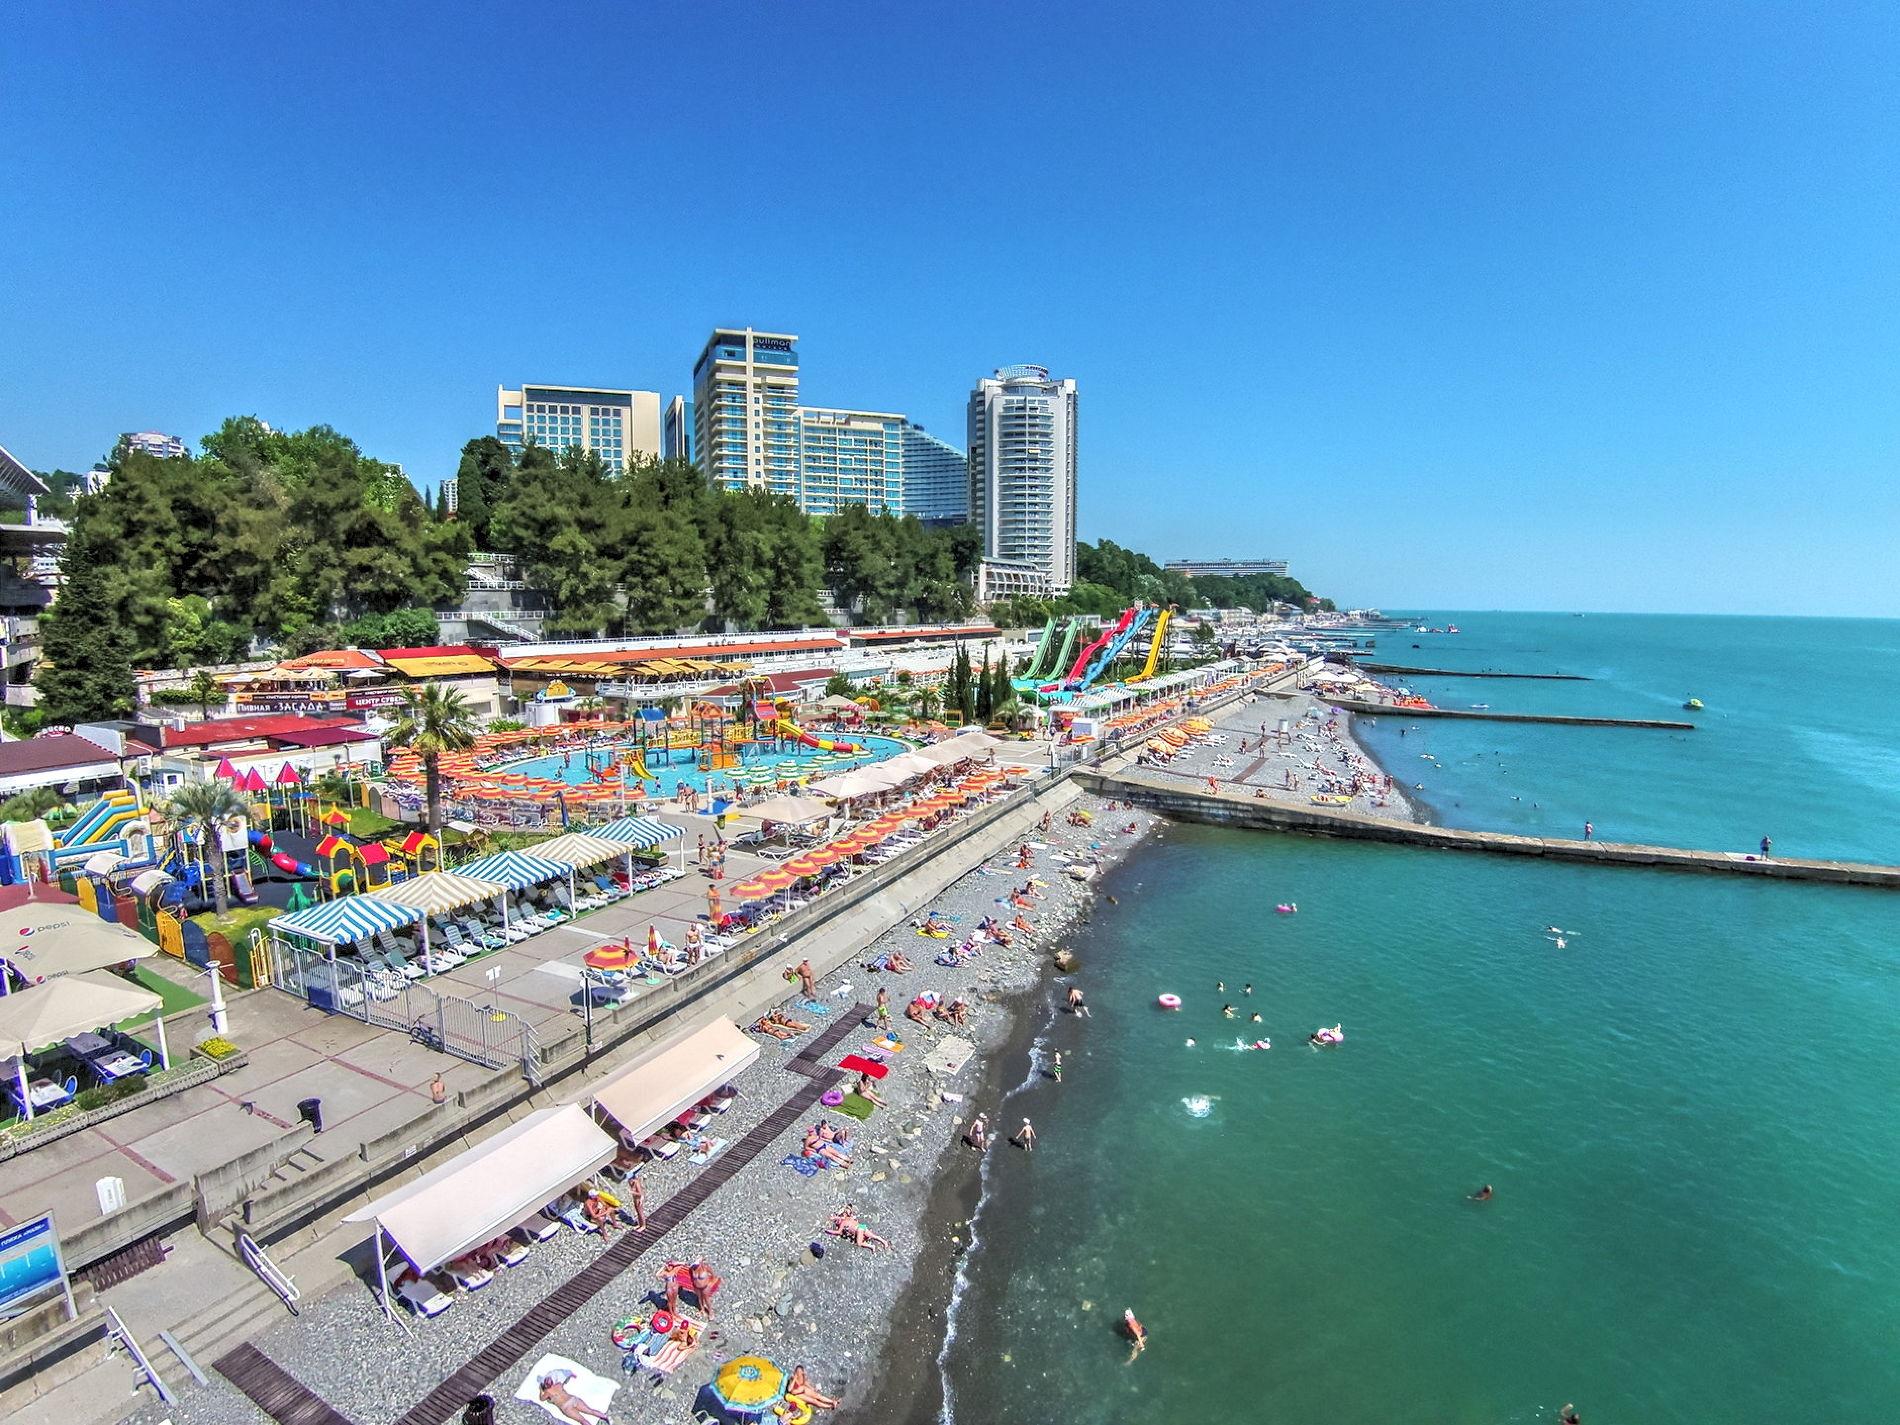 города сочинского побережья картинка взлетка важнее